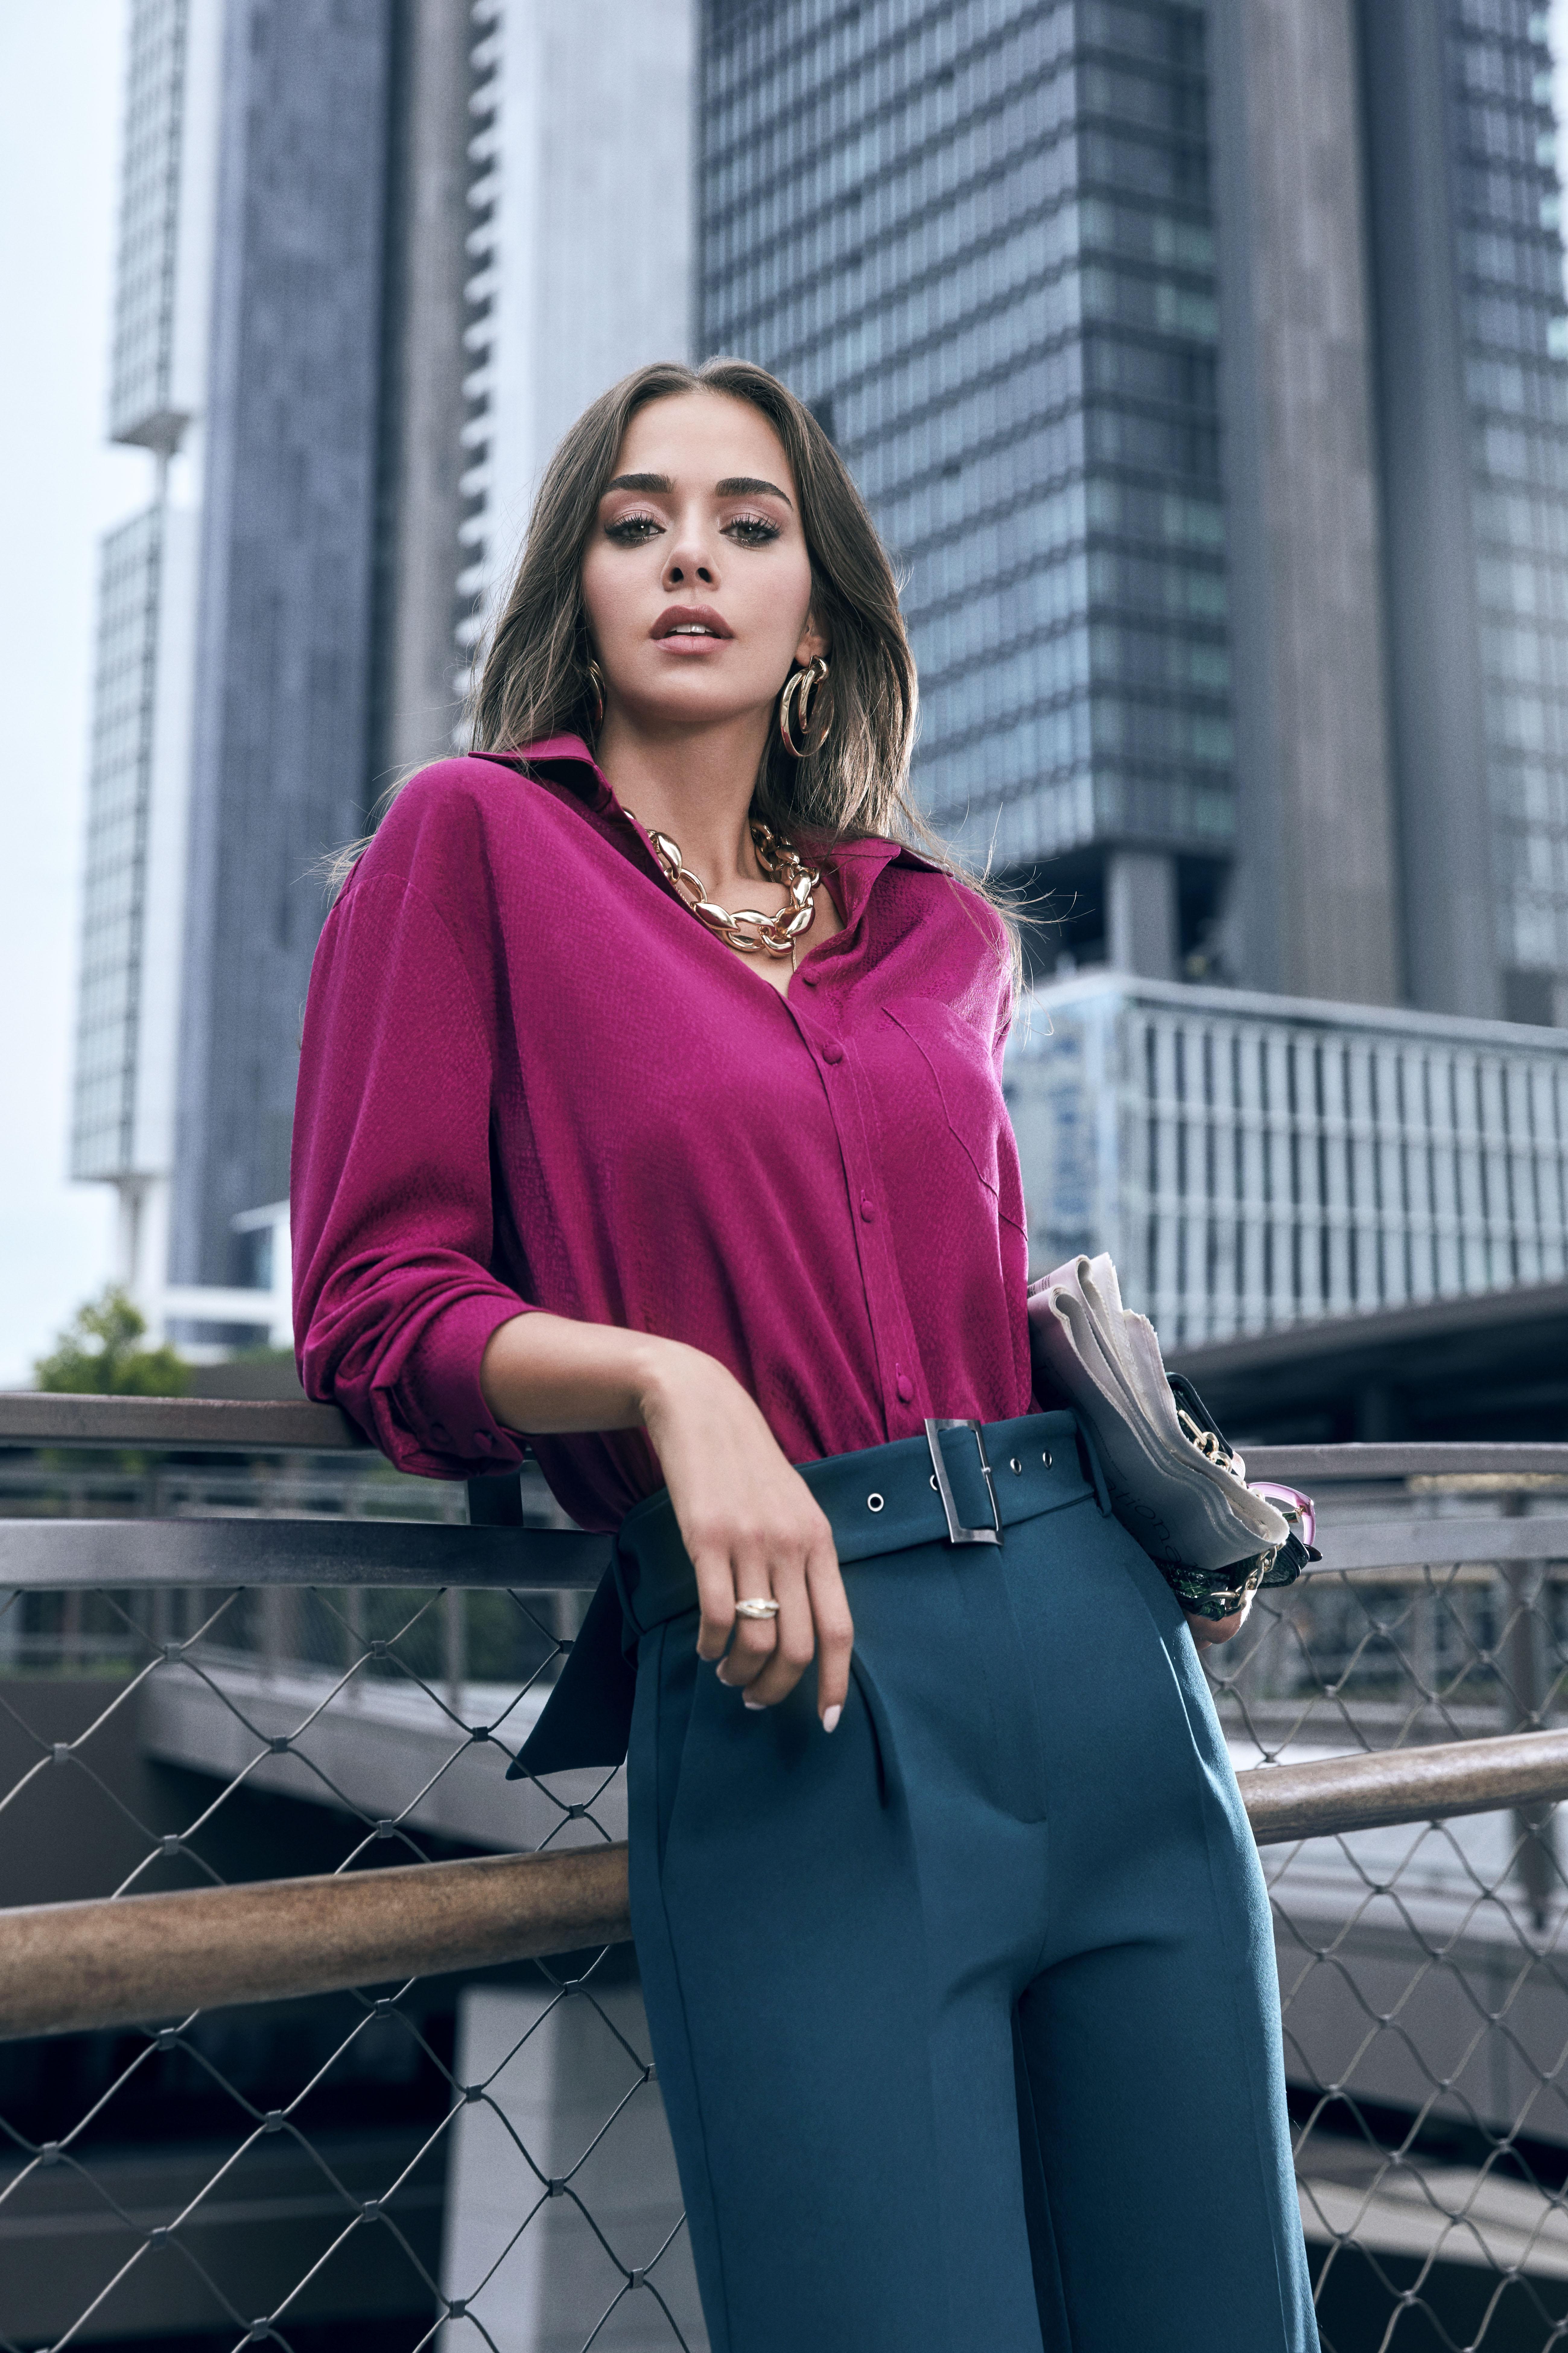 Koton Yeni Sezona İddialı Pantolon ve Bluz Tasarımlarıyla Giriş Yapıyor